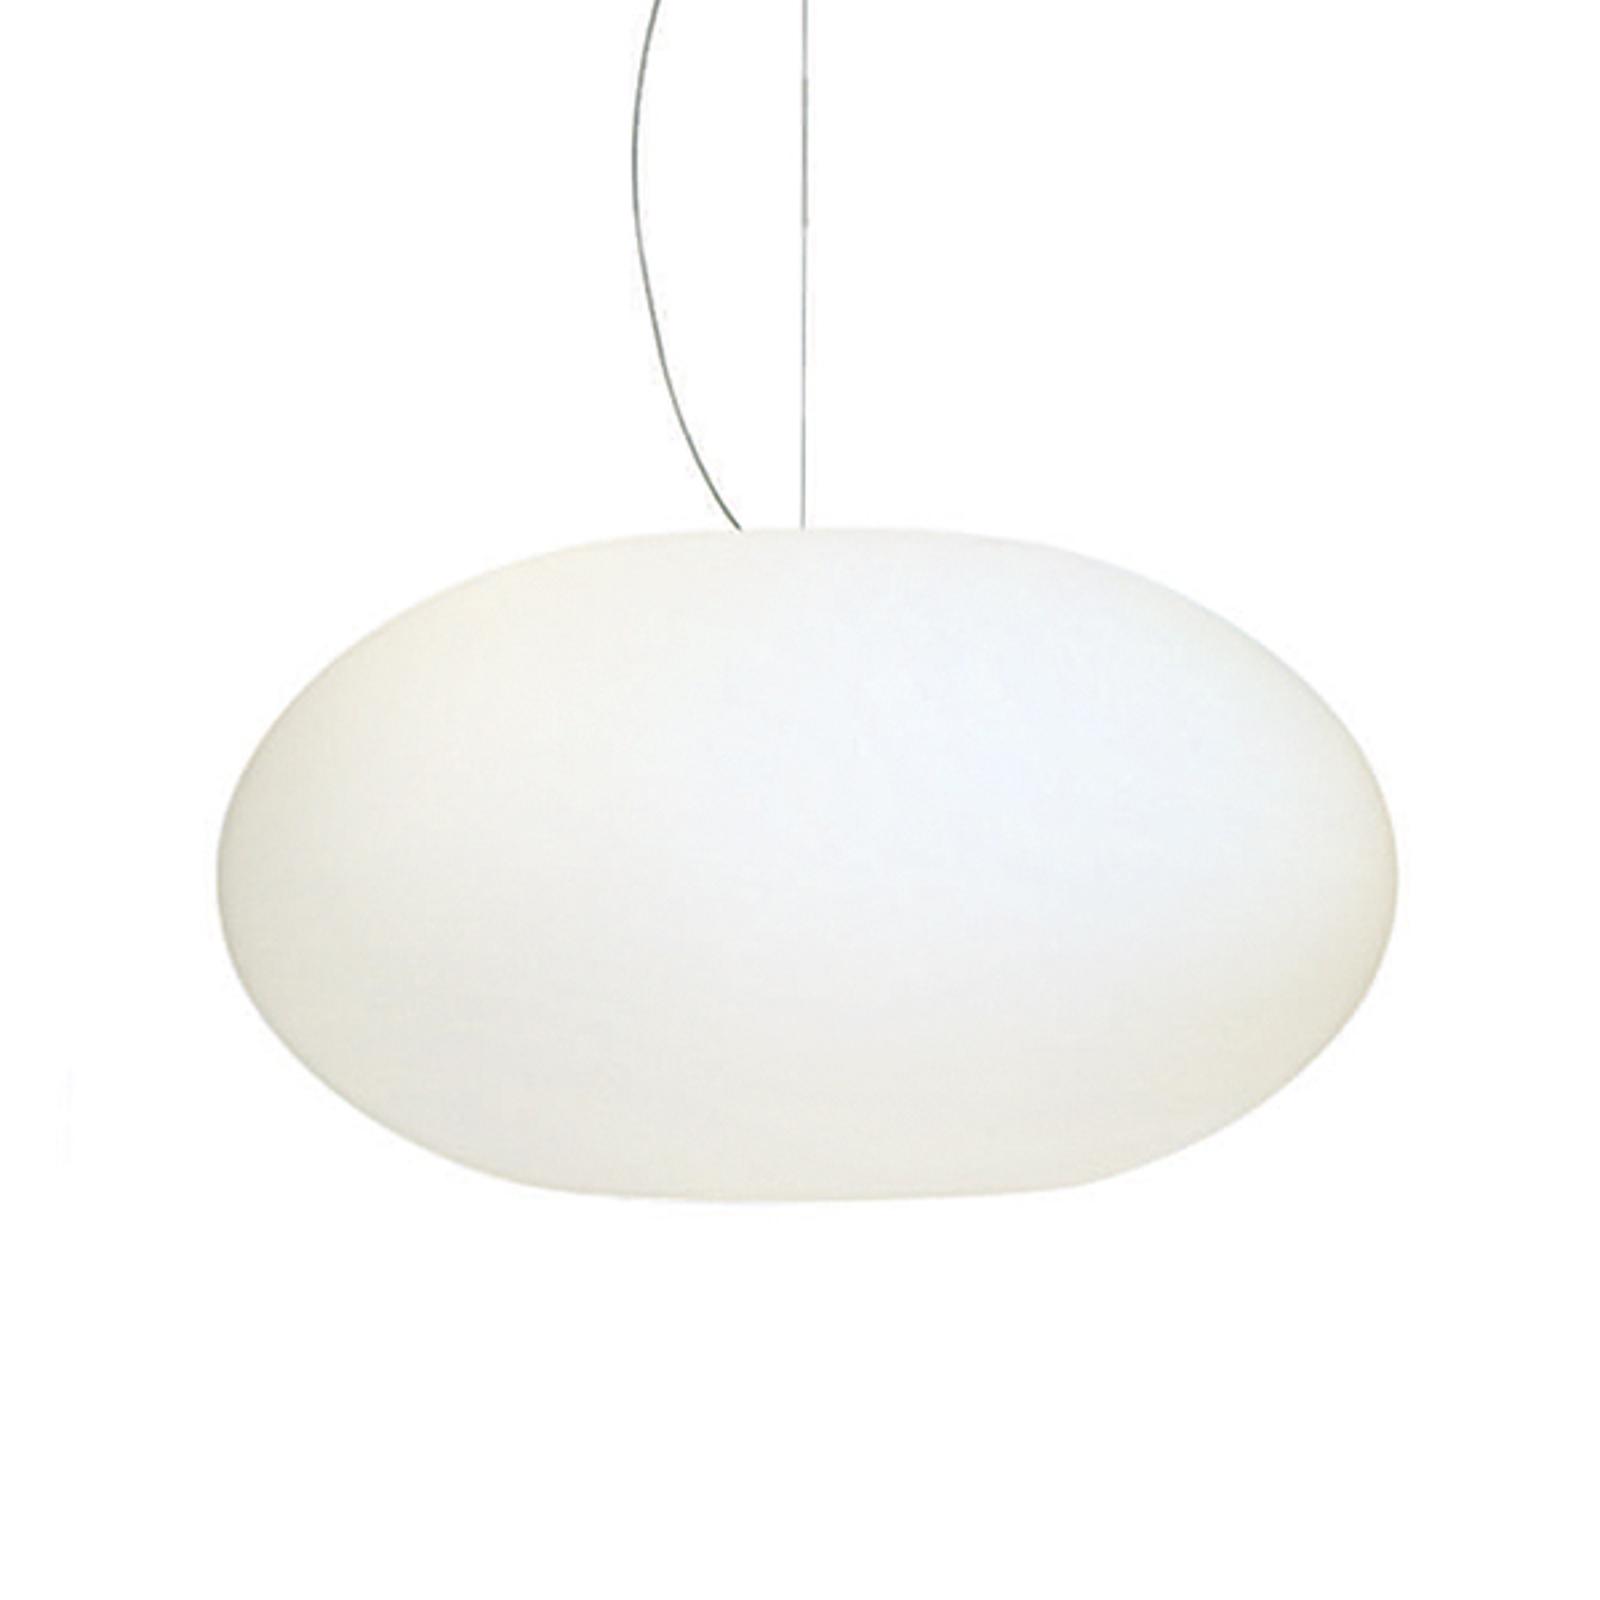 Suspension verre Aih 38 cm blanc mat